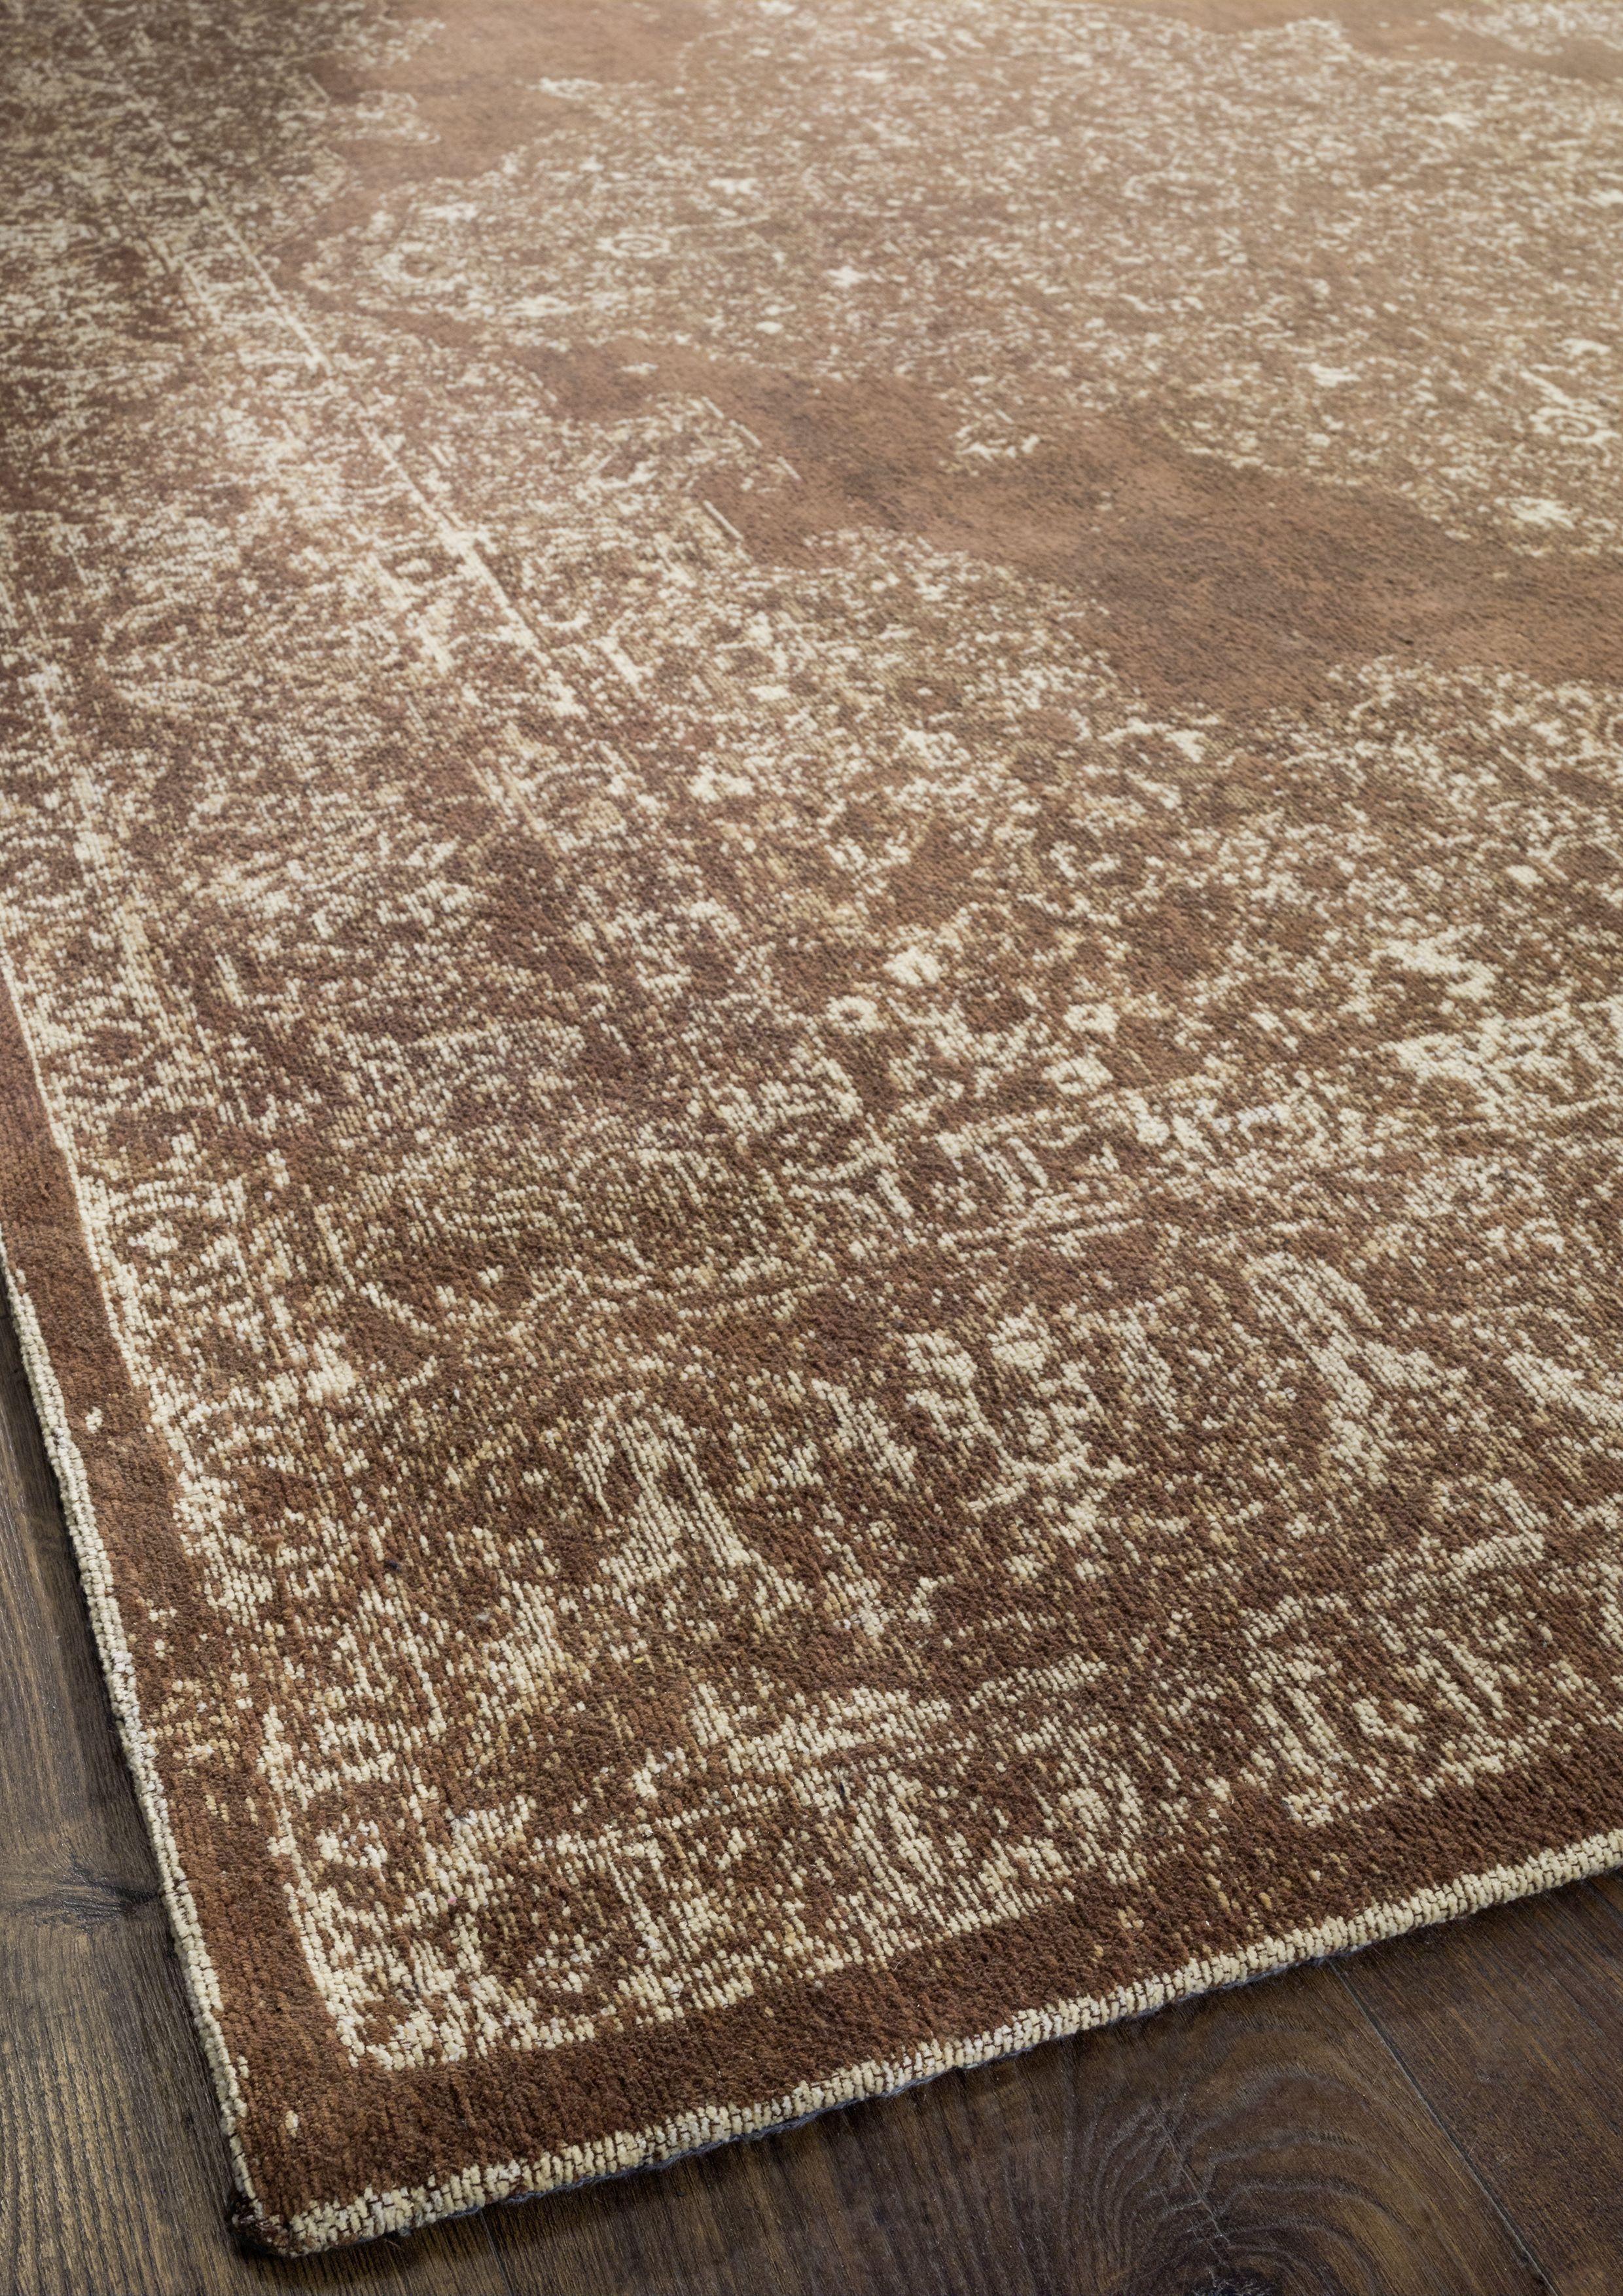 Vintage Teppiche Schnelle Lieferung Tiefpreisgarantie Mit Bildern Teppich Vintage Teppiche Perserteppich